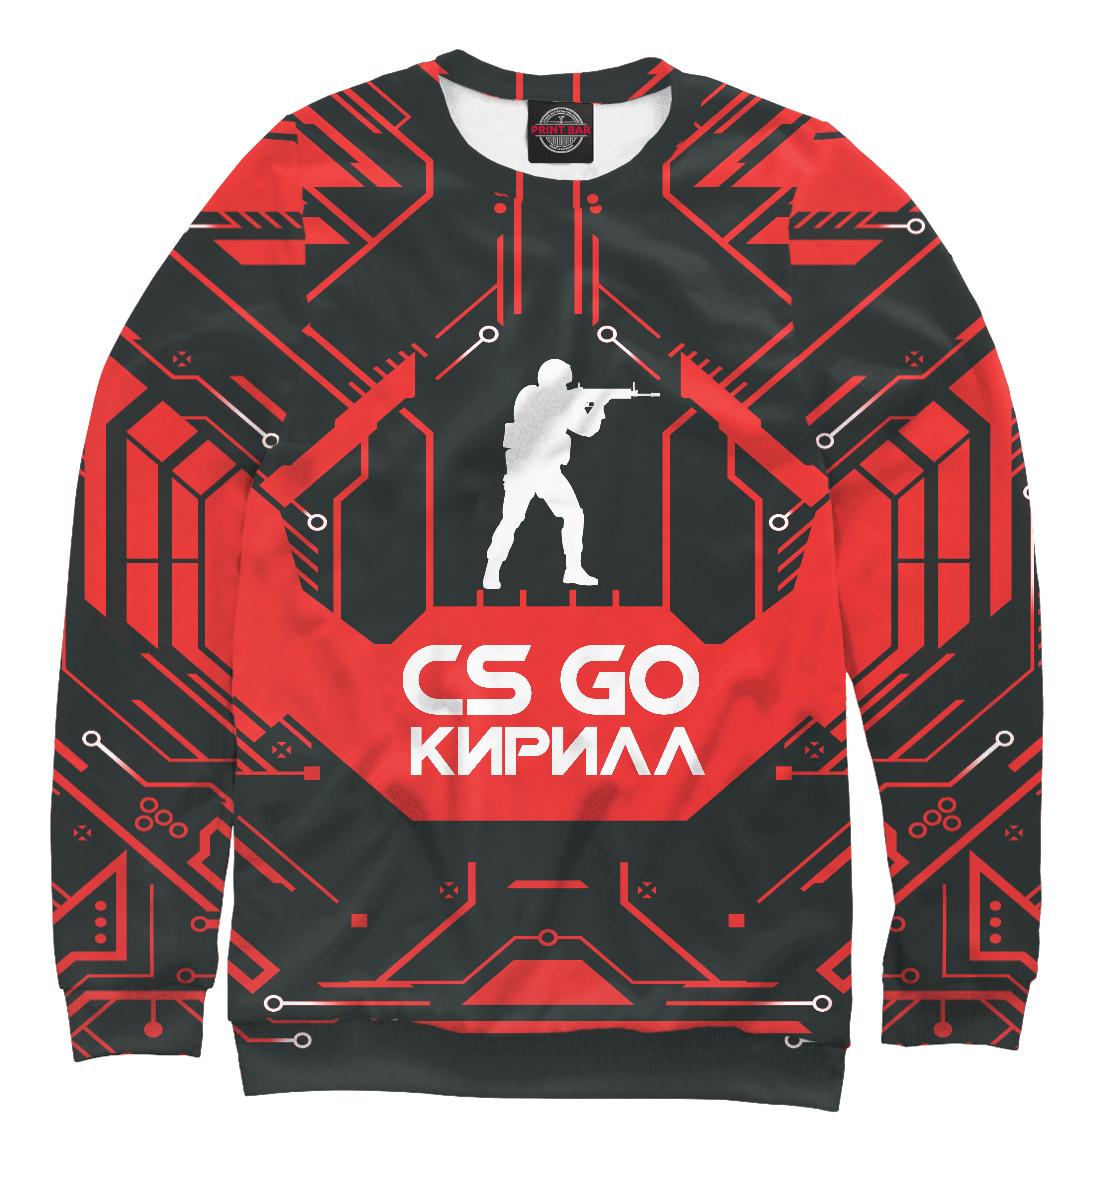 Купить Кирилл в стиле CS GO, Printbar, Свитшоты, KIR-358923-swi-2